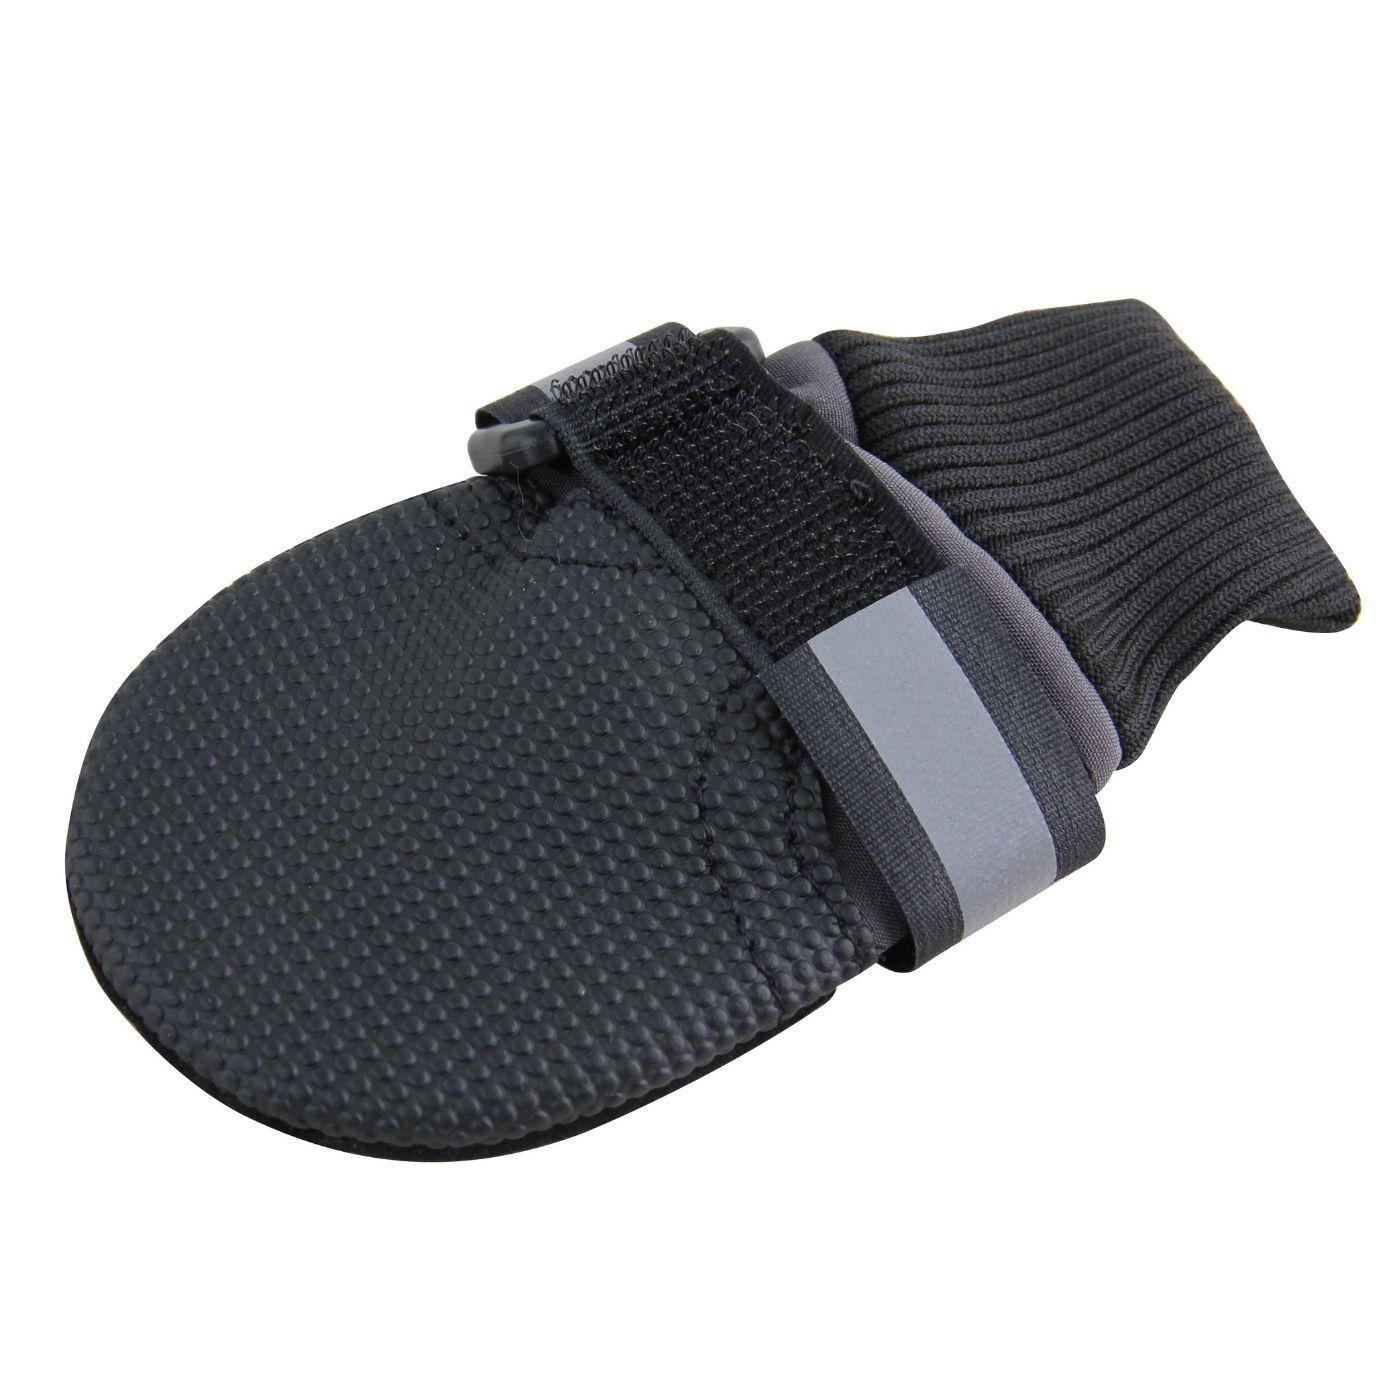 Sapato Ajustável para Cachorro M Pawise Contém 1 par